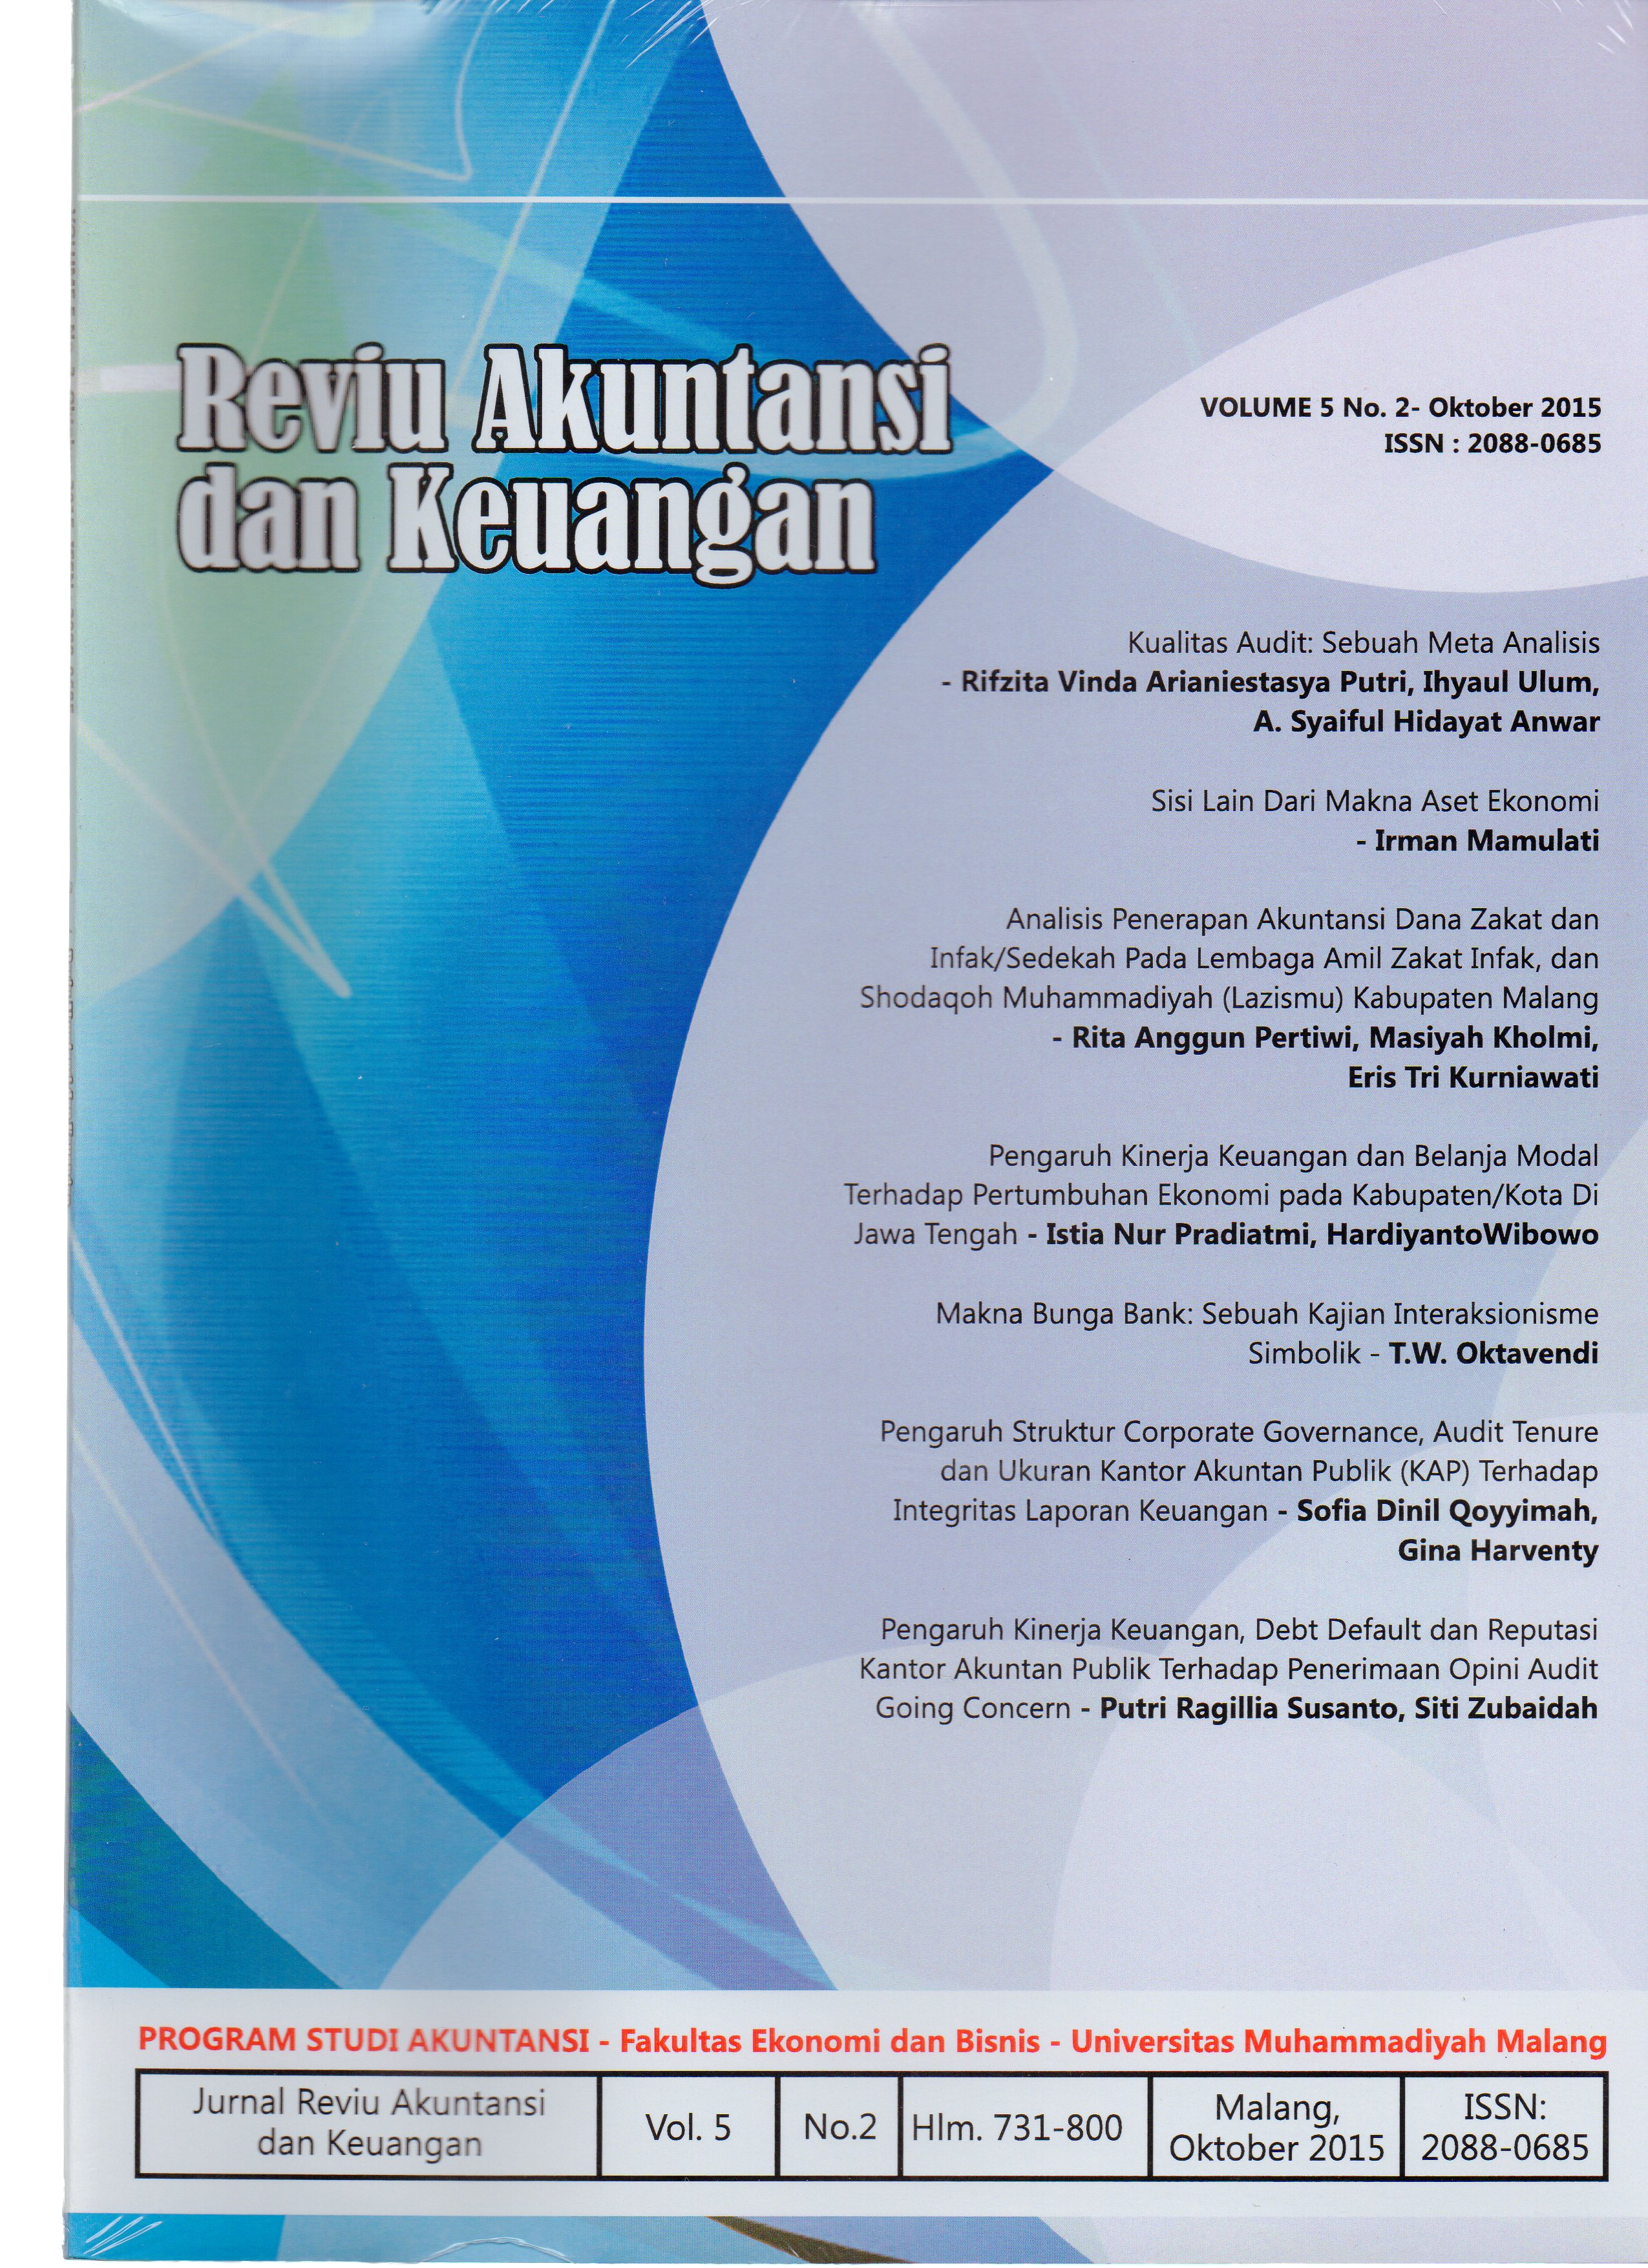 View Vol. 5 No. 2: Jurnal Reviu Akuntansi dan Keuangan